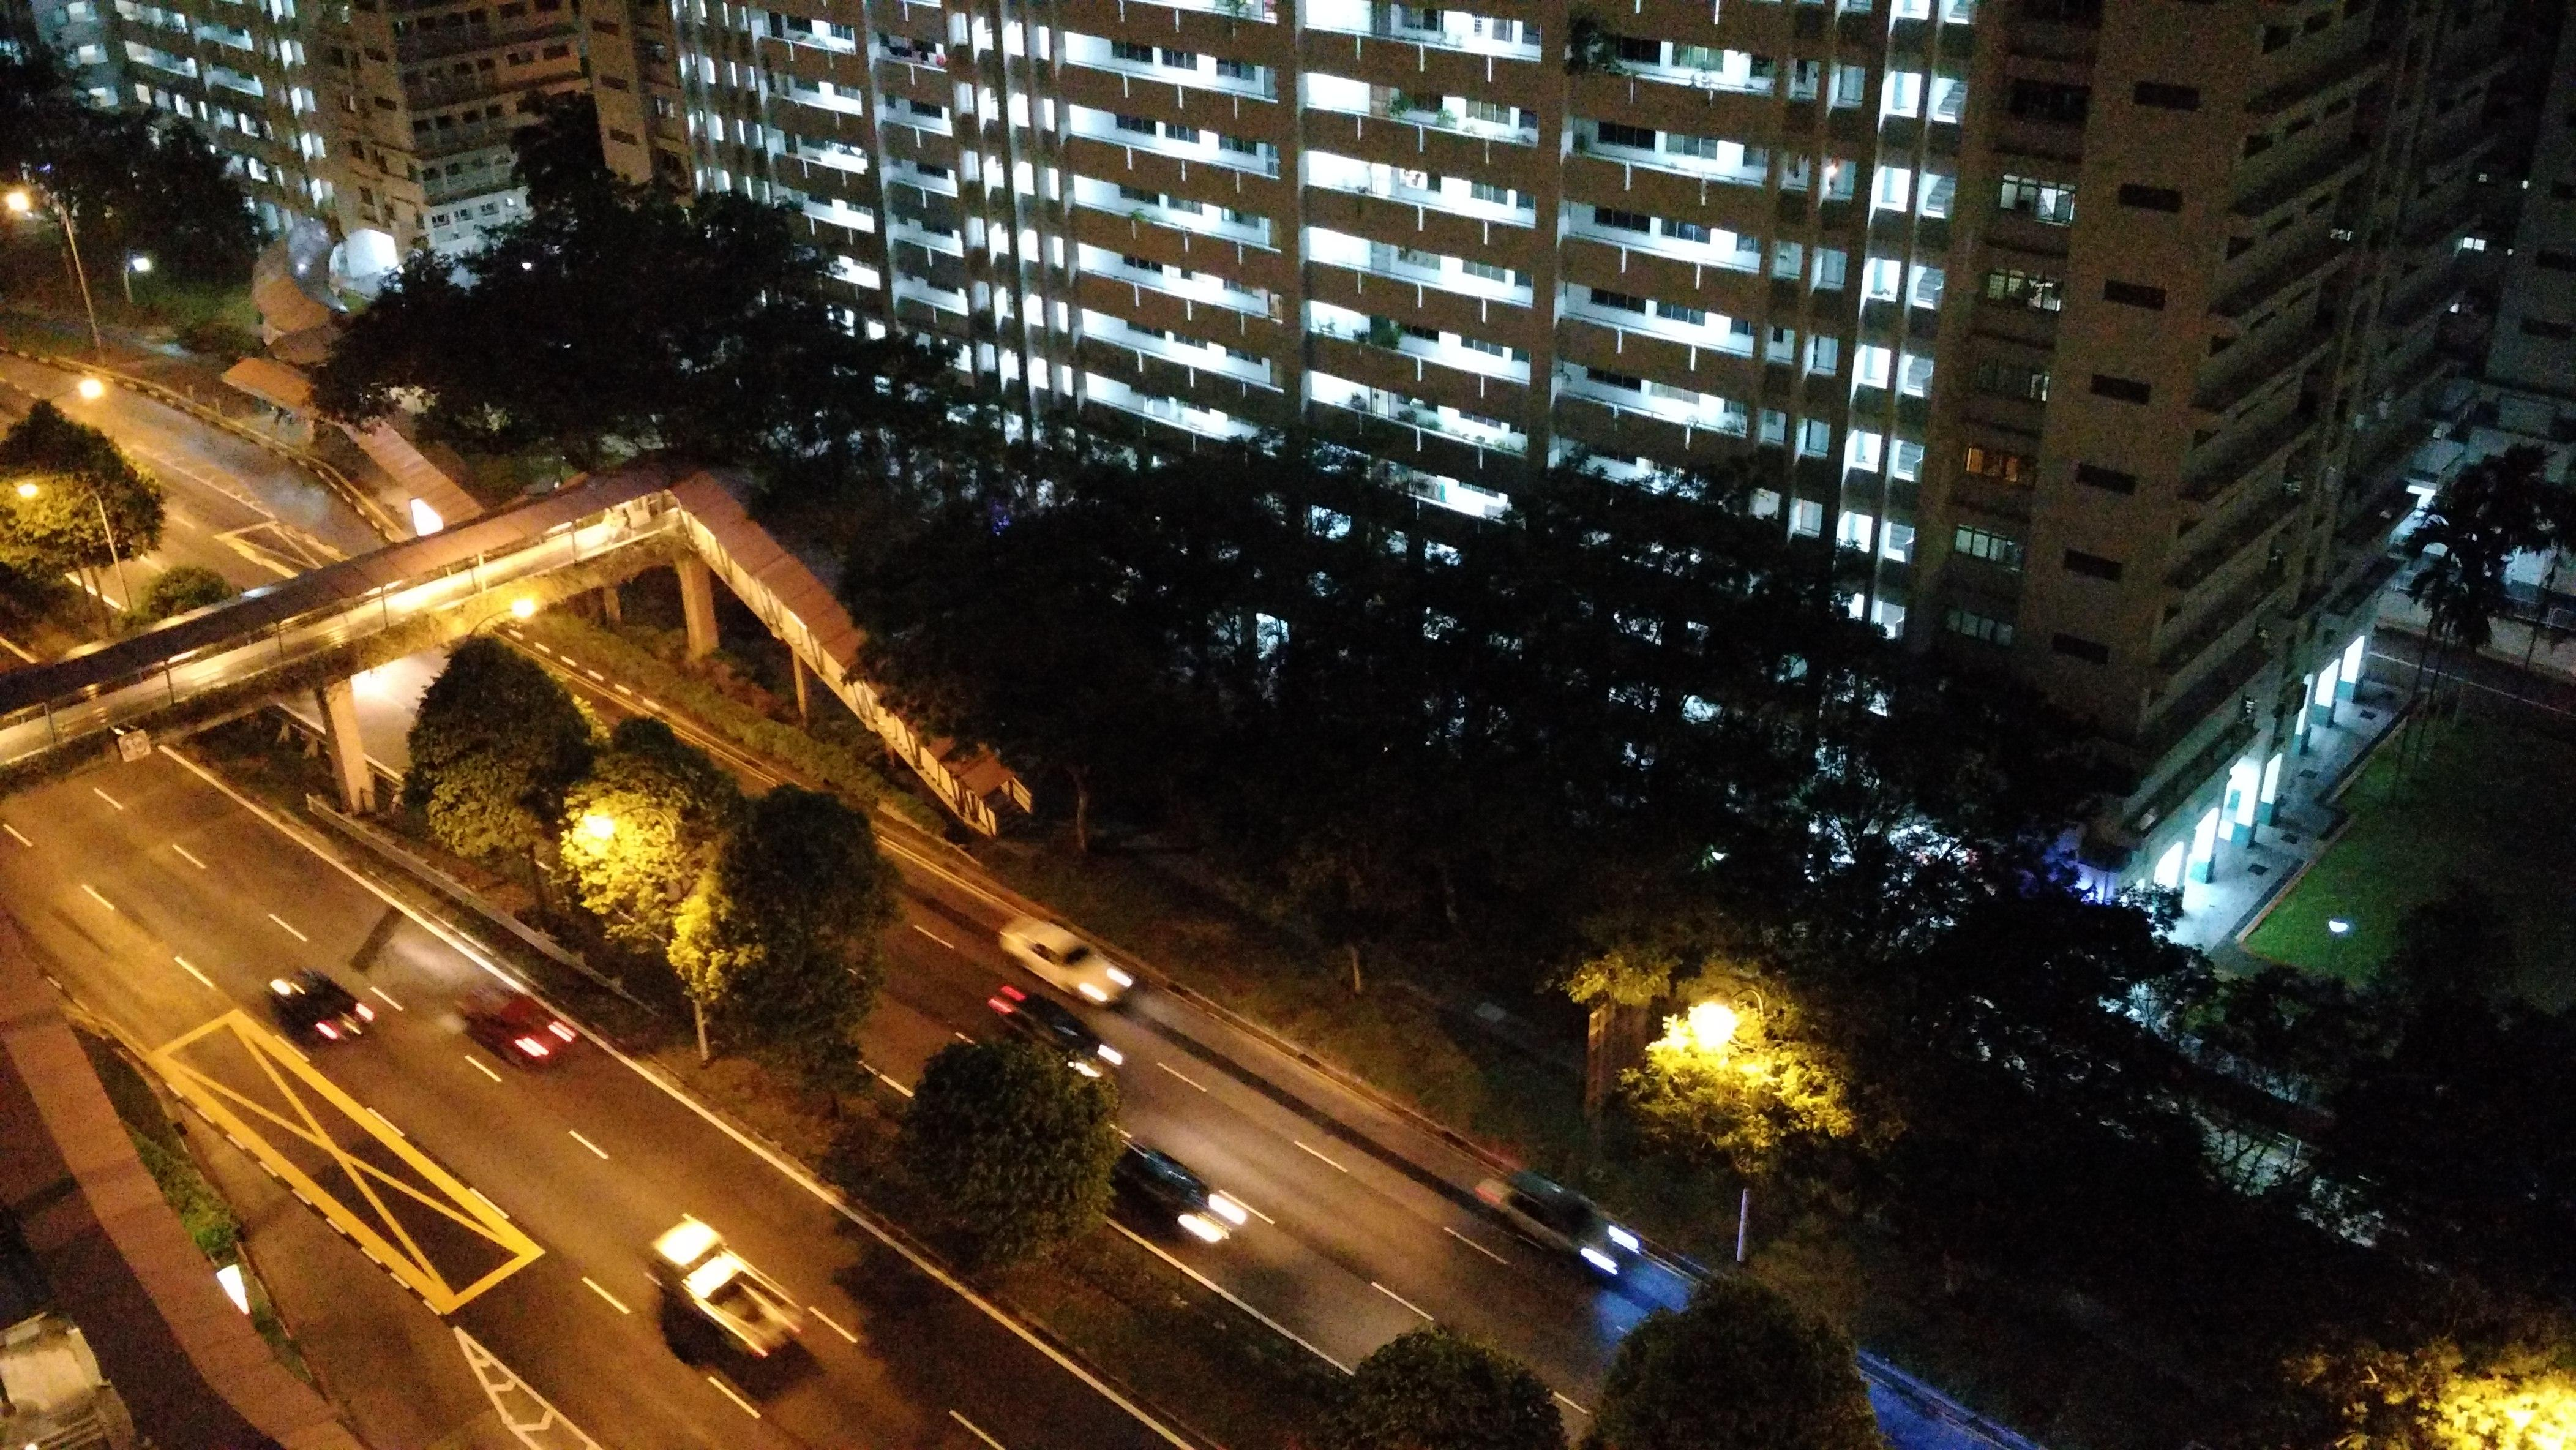 تصویر ثبت شده در شب با شیائومی ام آی ۴ آی «Xiaomi Mi 4i»